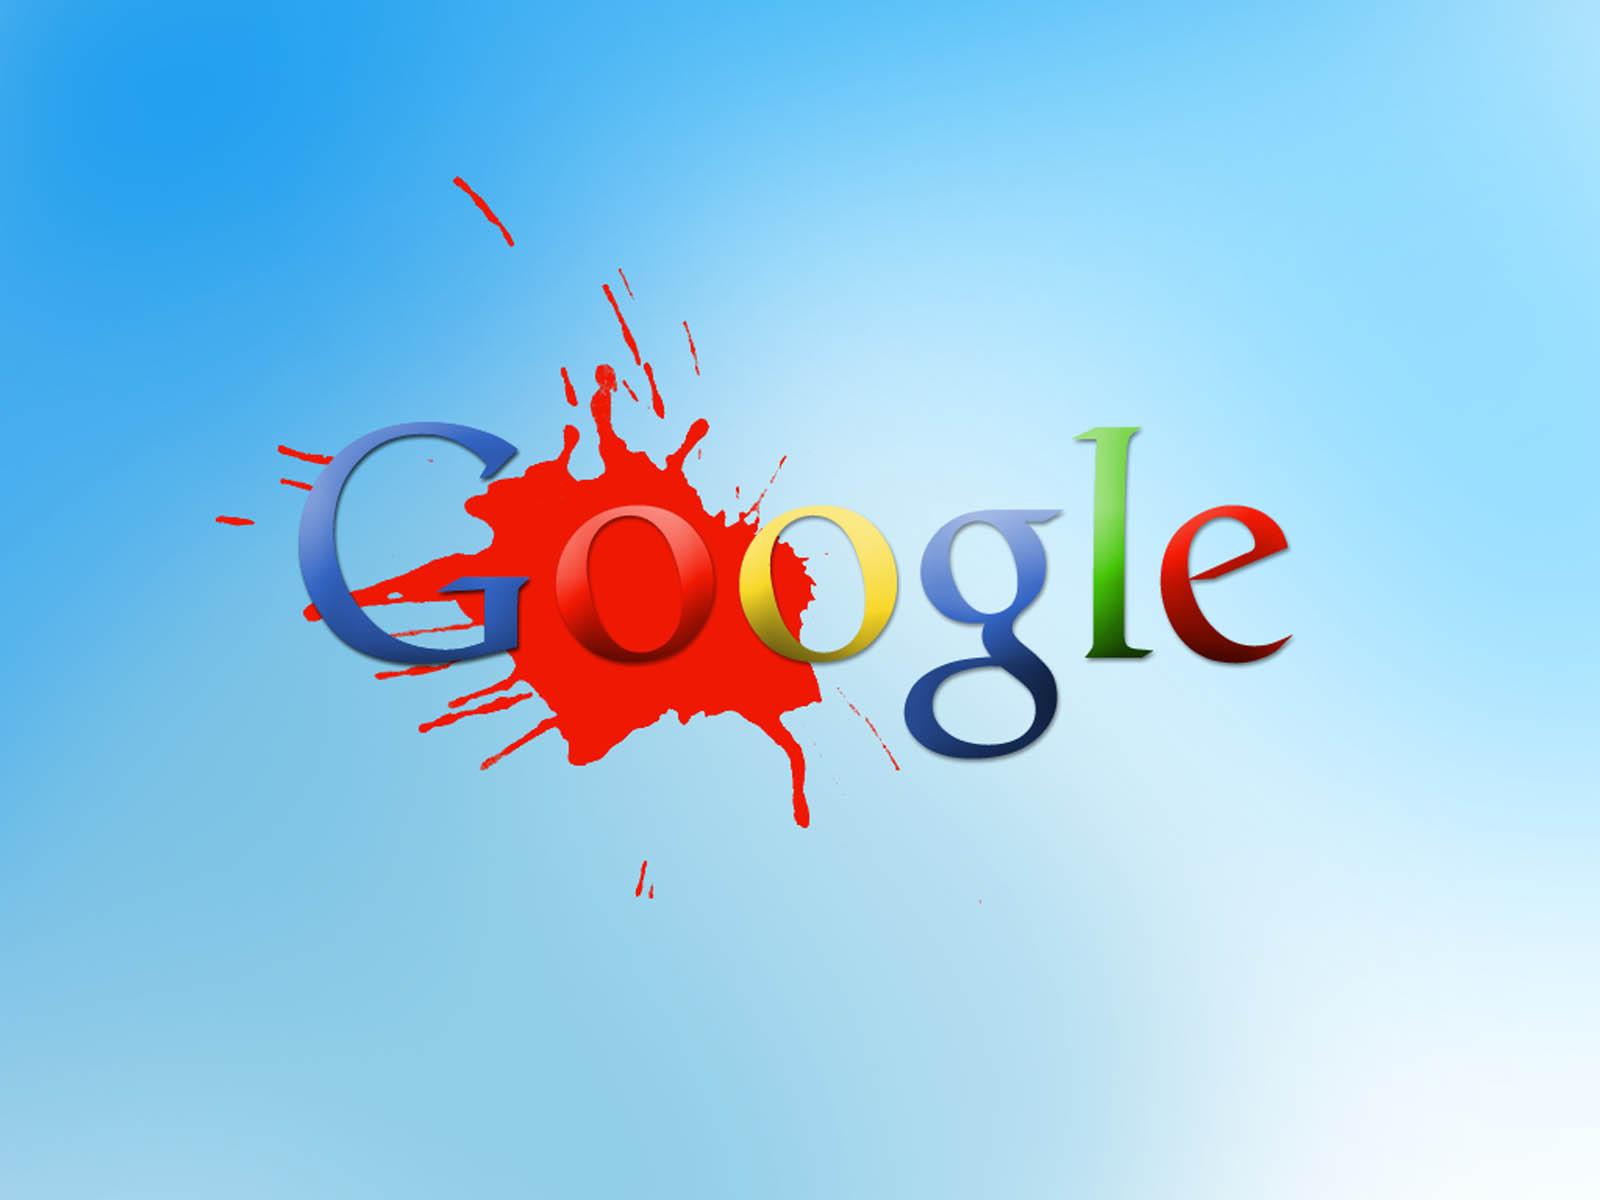 http://3.bp.blogspot.com/-rj9uBAqtJ0A/UCJ4K-zSL4I/AAAAAAAAHLI/P_A1d8HM8Bo/s1600/Google%2BDesktop%2BBackgrounds%2BAnd%2BWallpapers%2B1.jpg